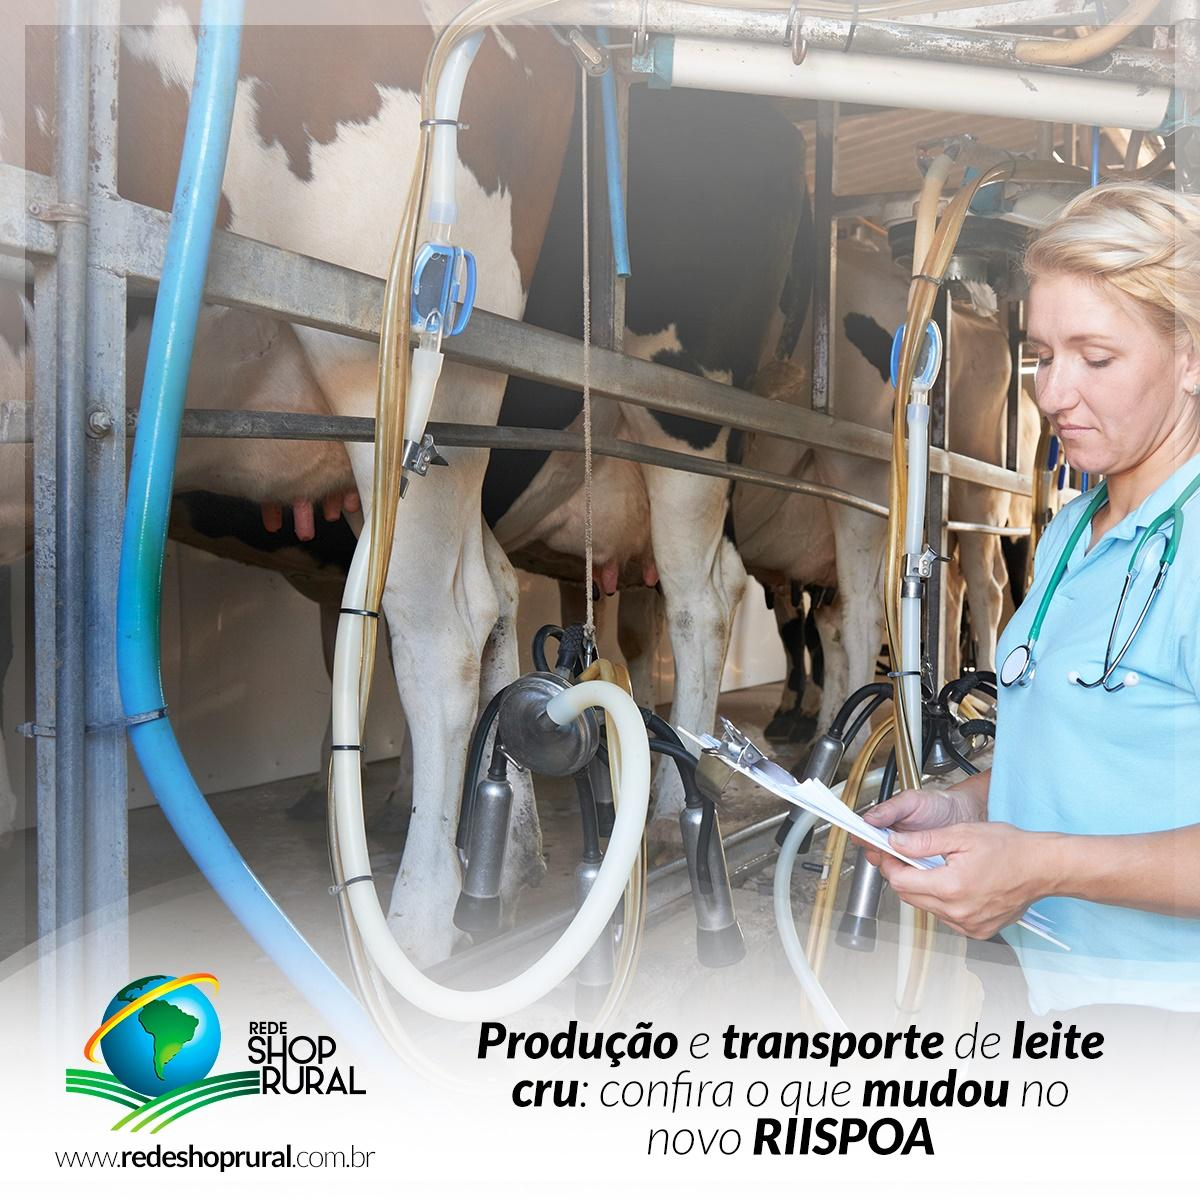 Produção e transporte de leite cru: confira o que mudou no novo RIISPOA